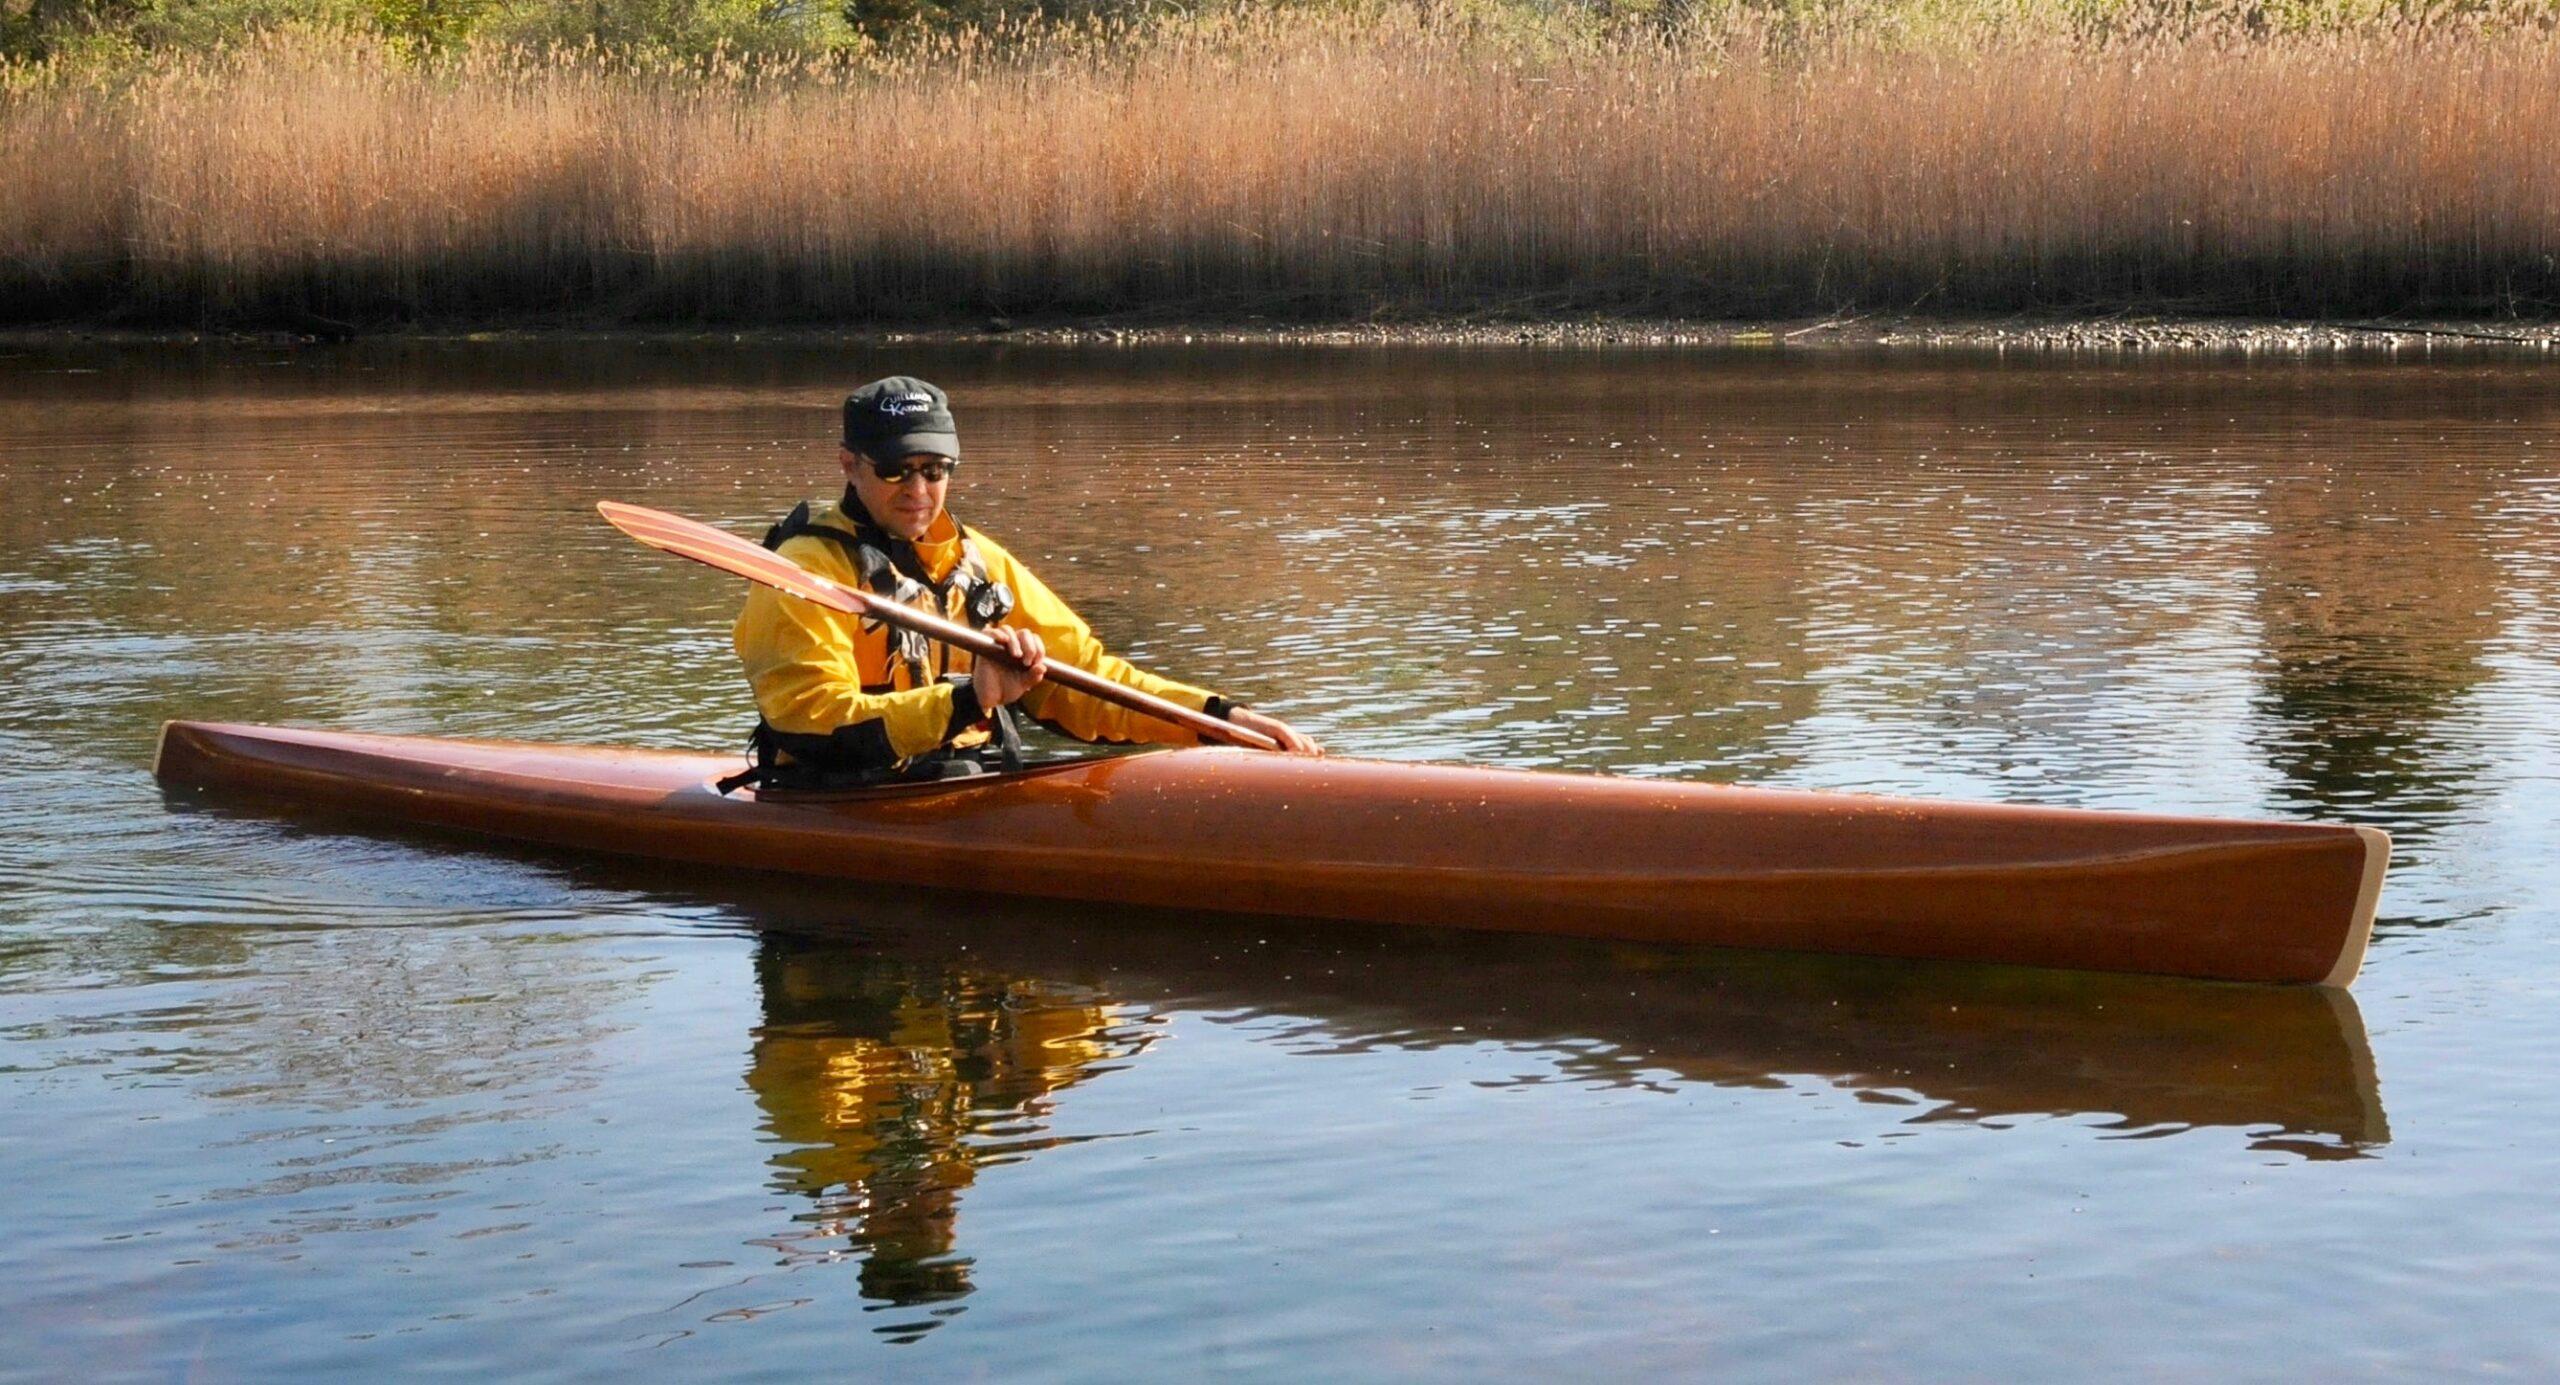 microBootlegger Sport mahogany wooden kayak on the water - Built by Nick Schade - Guillemot Kayaks